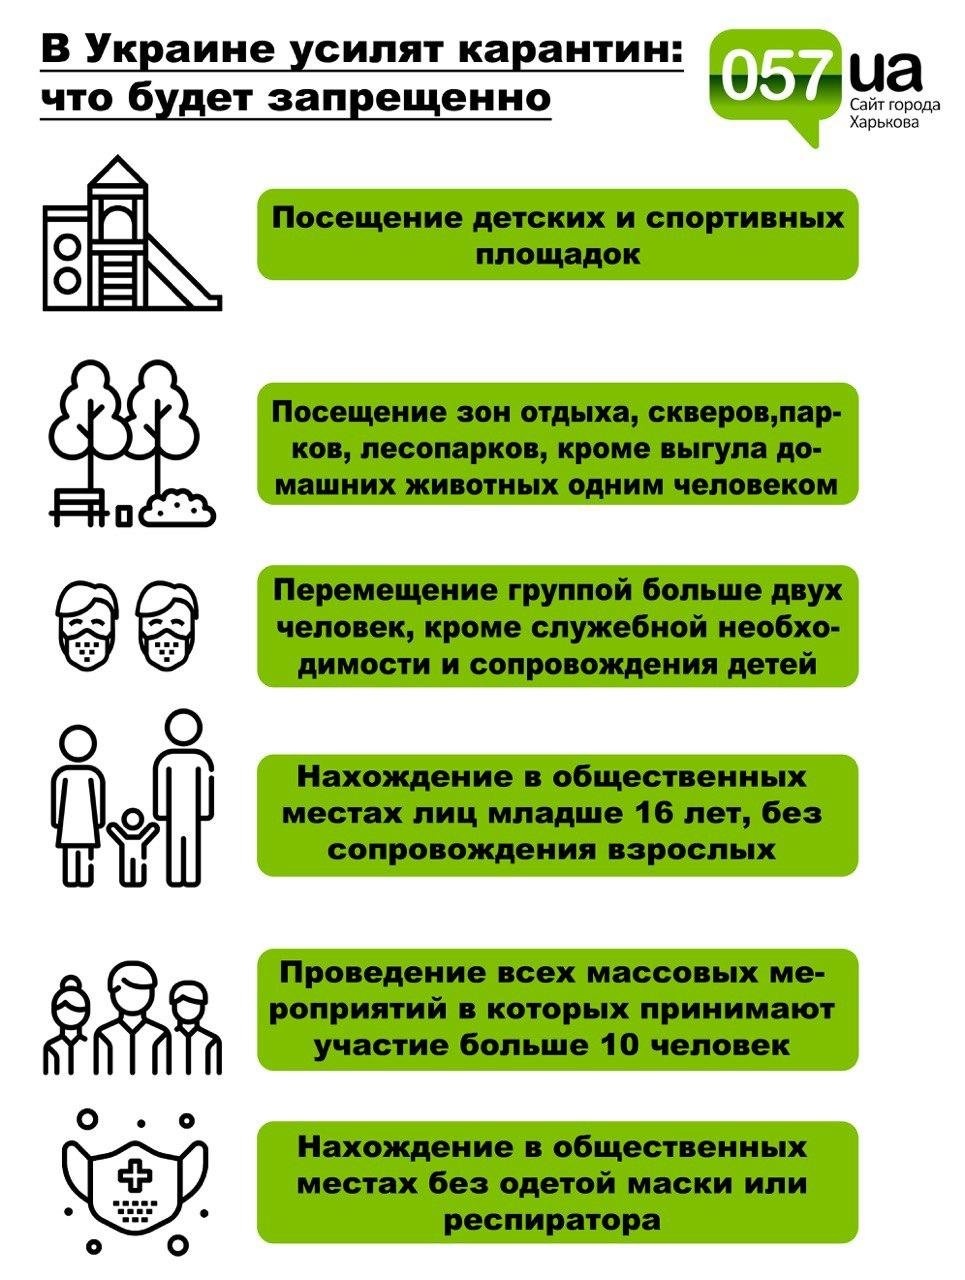 Ужесточения карантина в Украине: что будет запрещено, - ИНФОГРАФИКА, фото-1